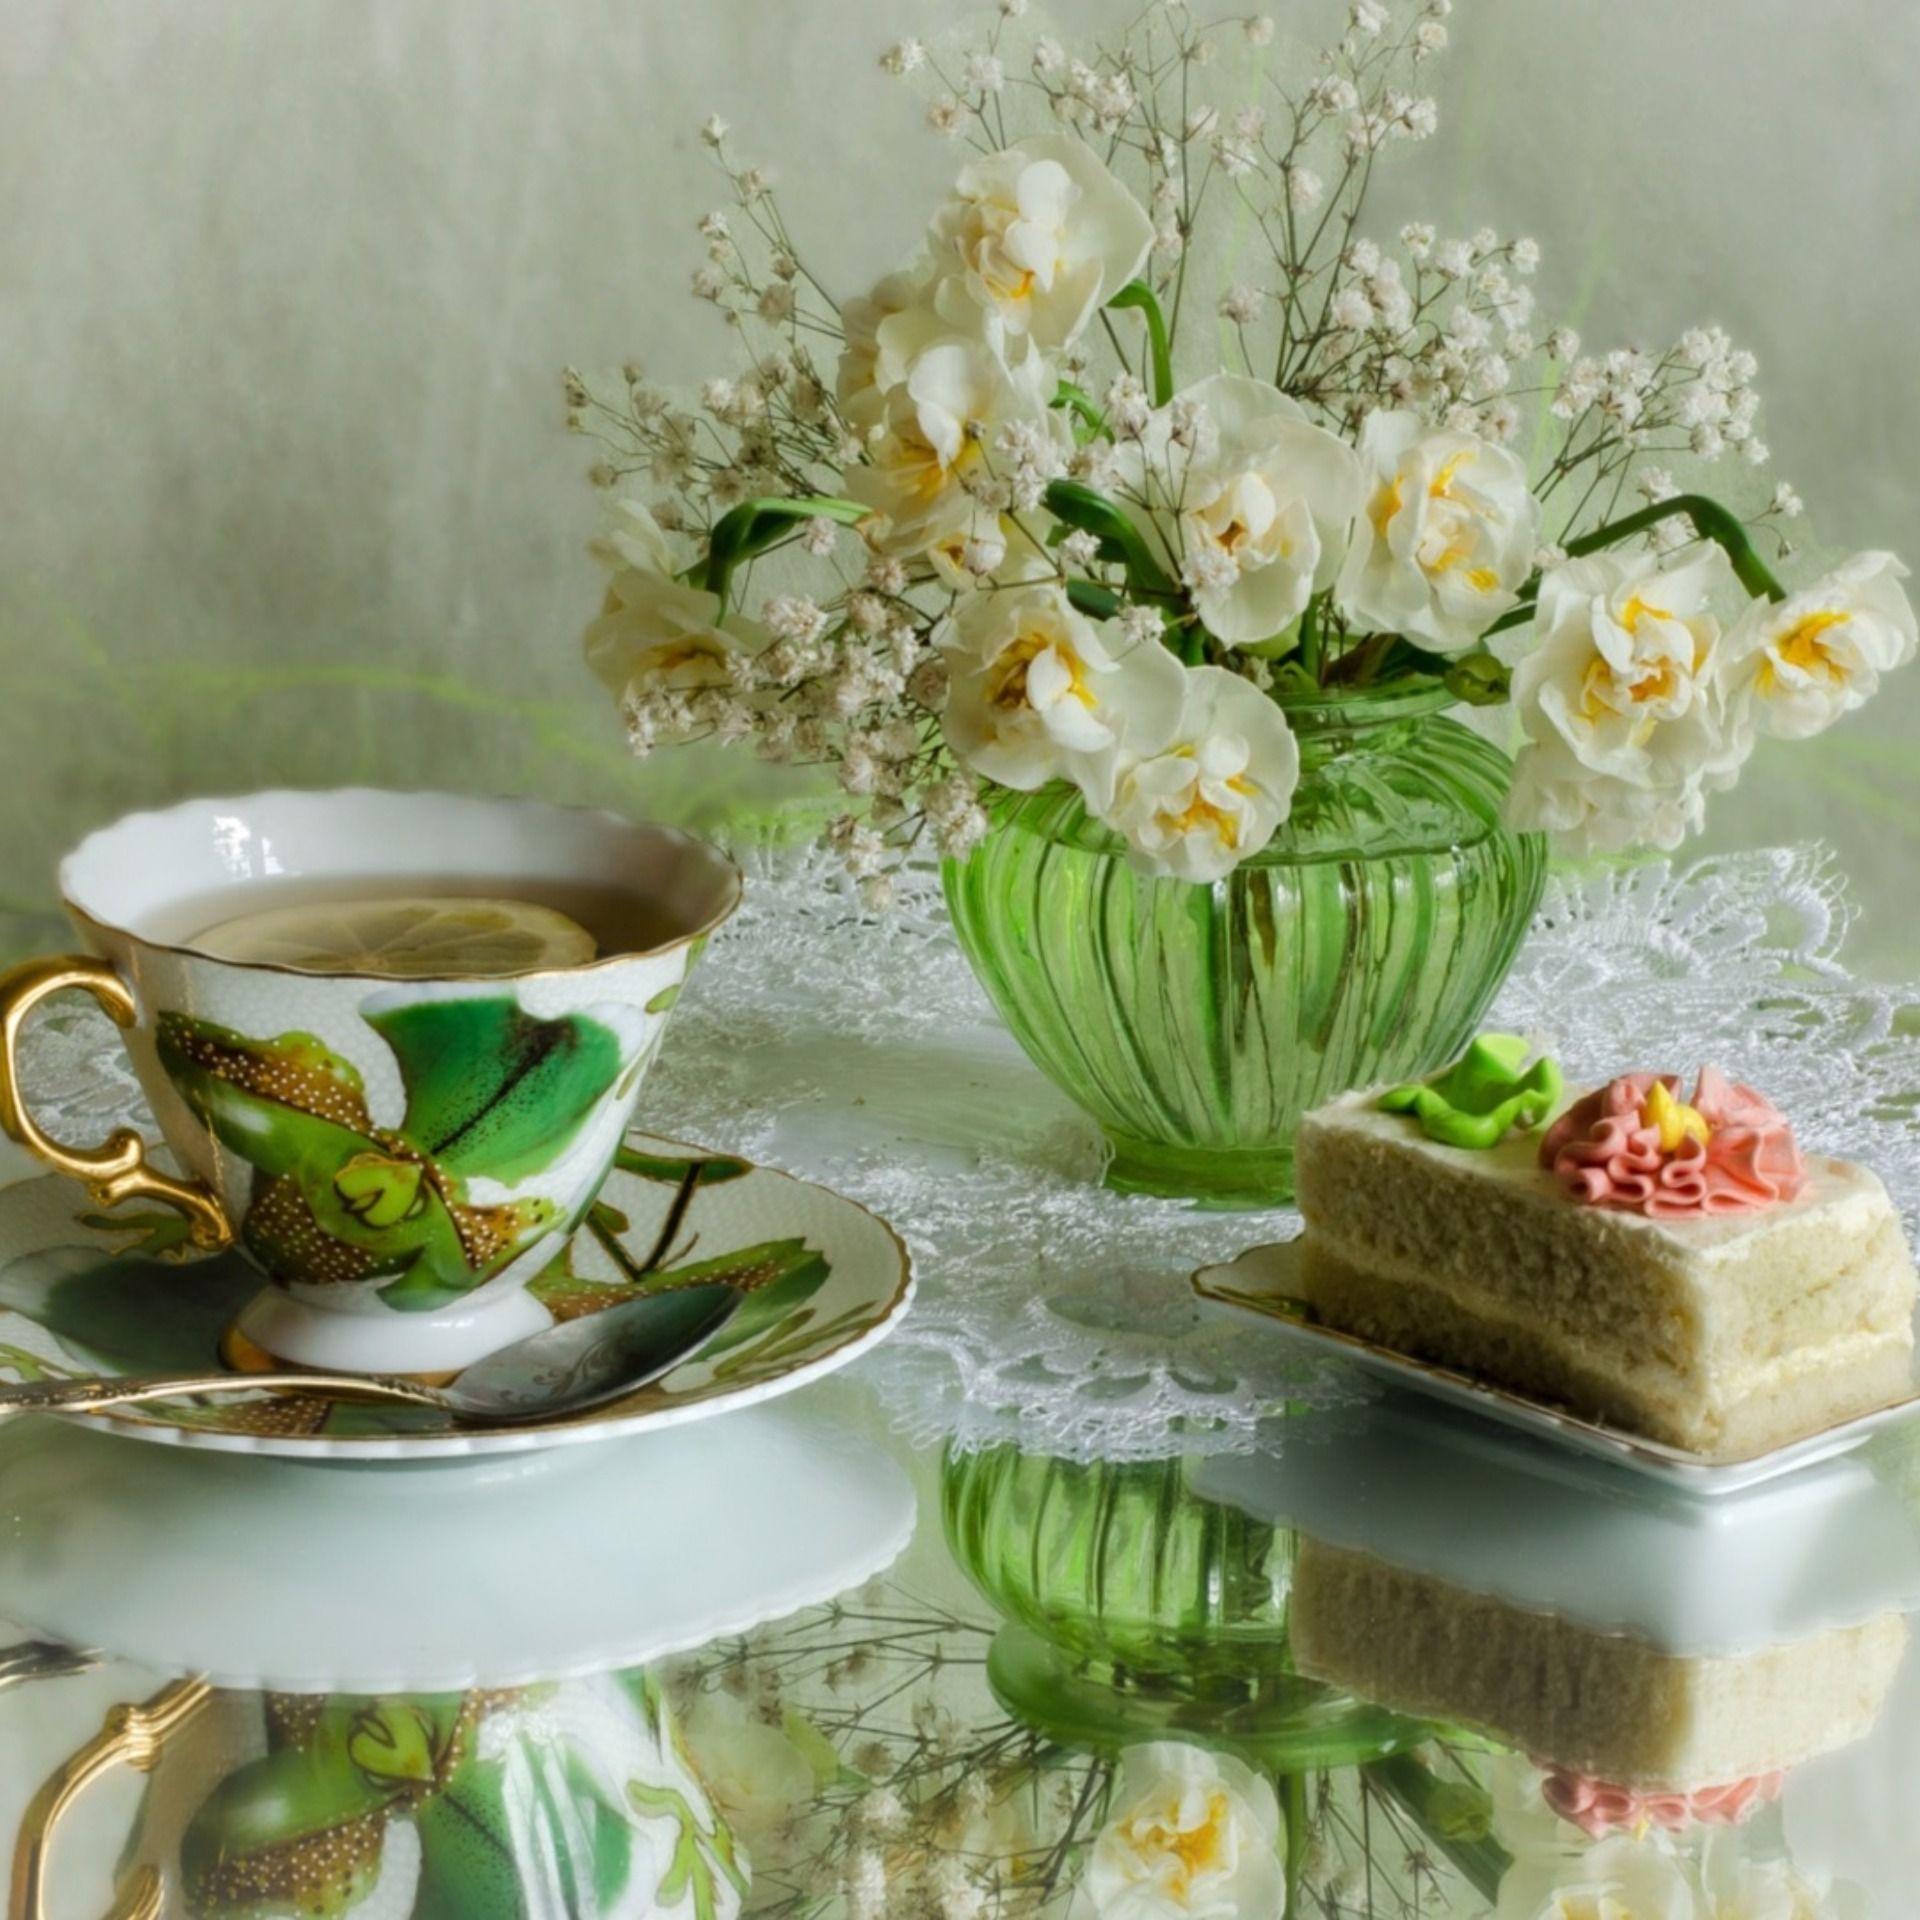 Для поздравления, красивые открытки с пожеланием доброго утра и хорошего дня подруге